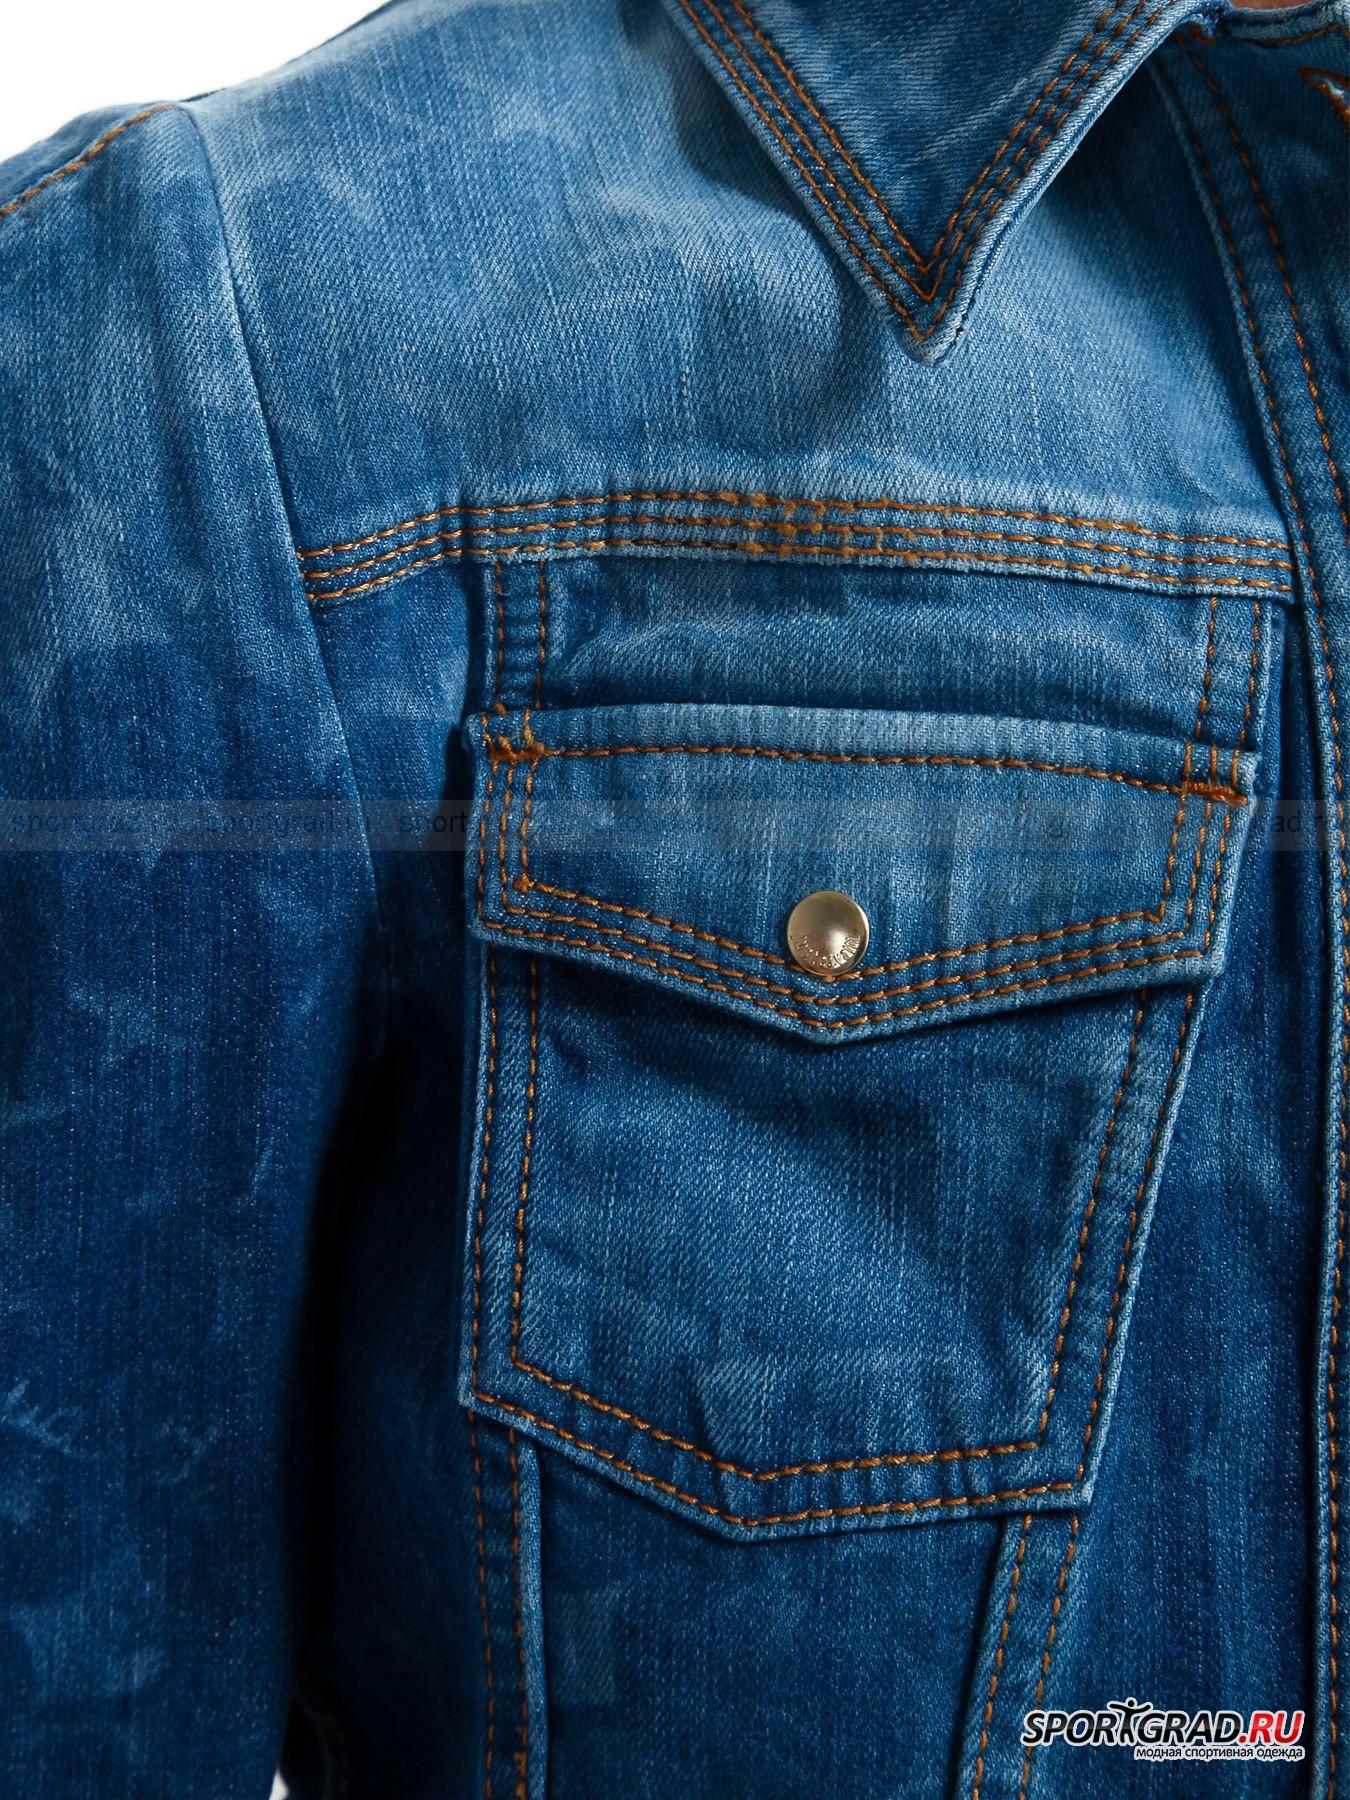 Куртка женская джинсовая JUST CAVALLI от Спортград